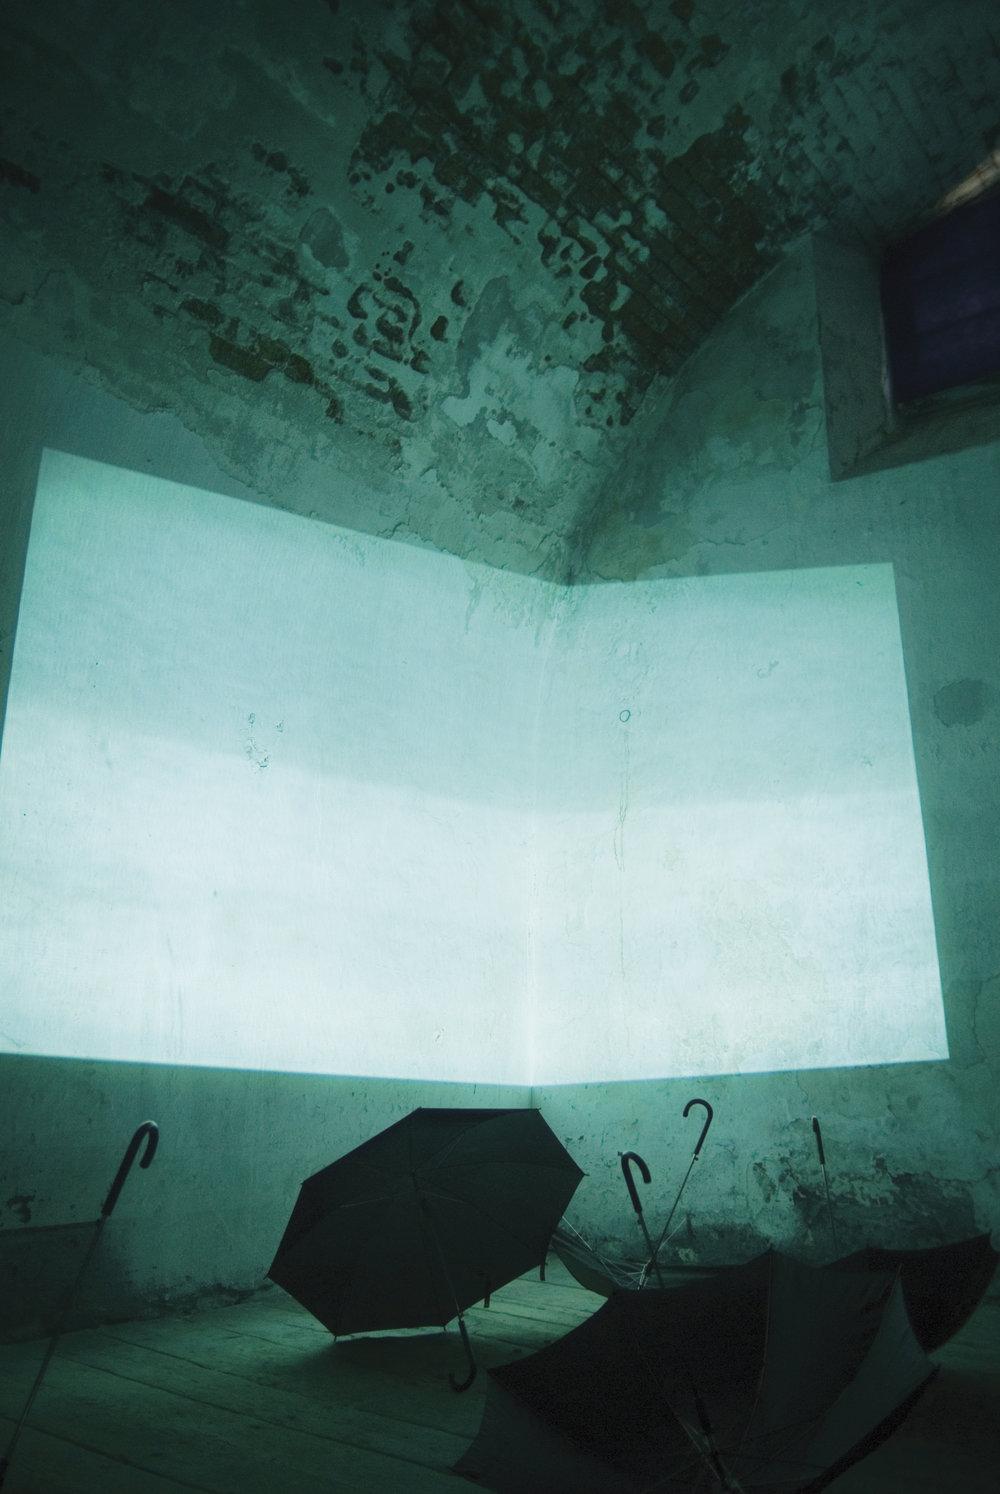 Silent room in_situ - Installation par Skoltz_Kolgenà Transart 2006,Franzensfeste Fortezza, Bolzano, Italia